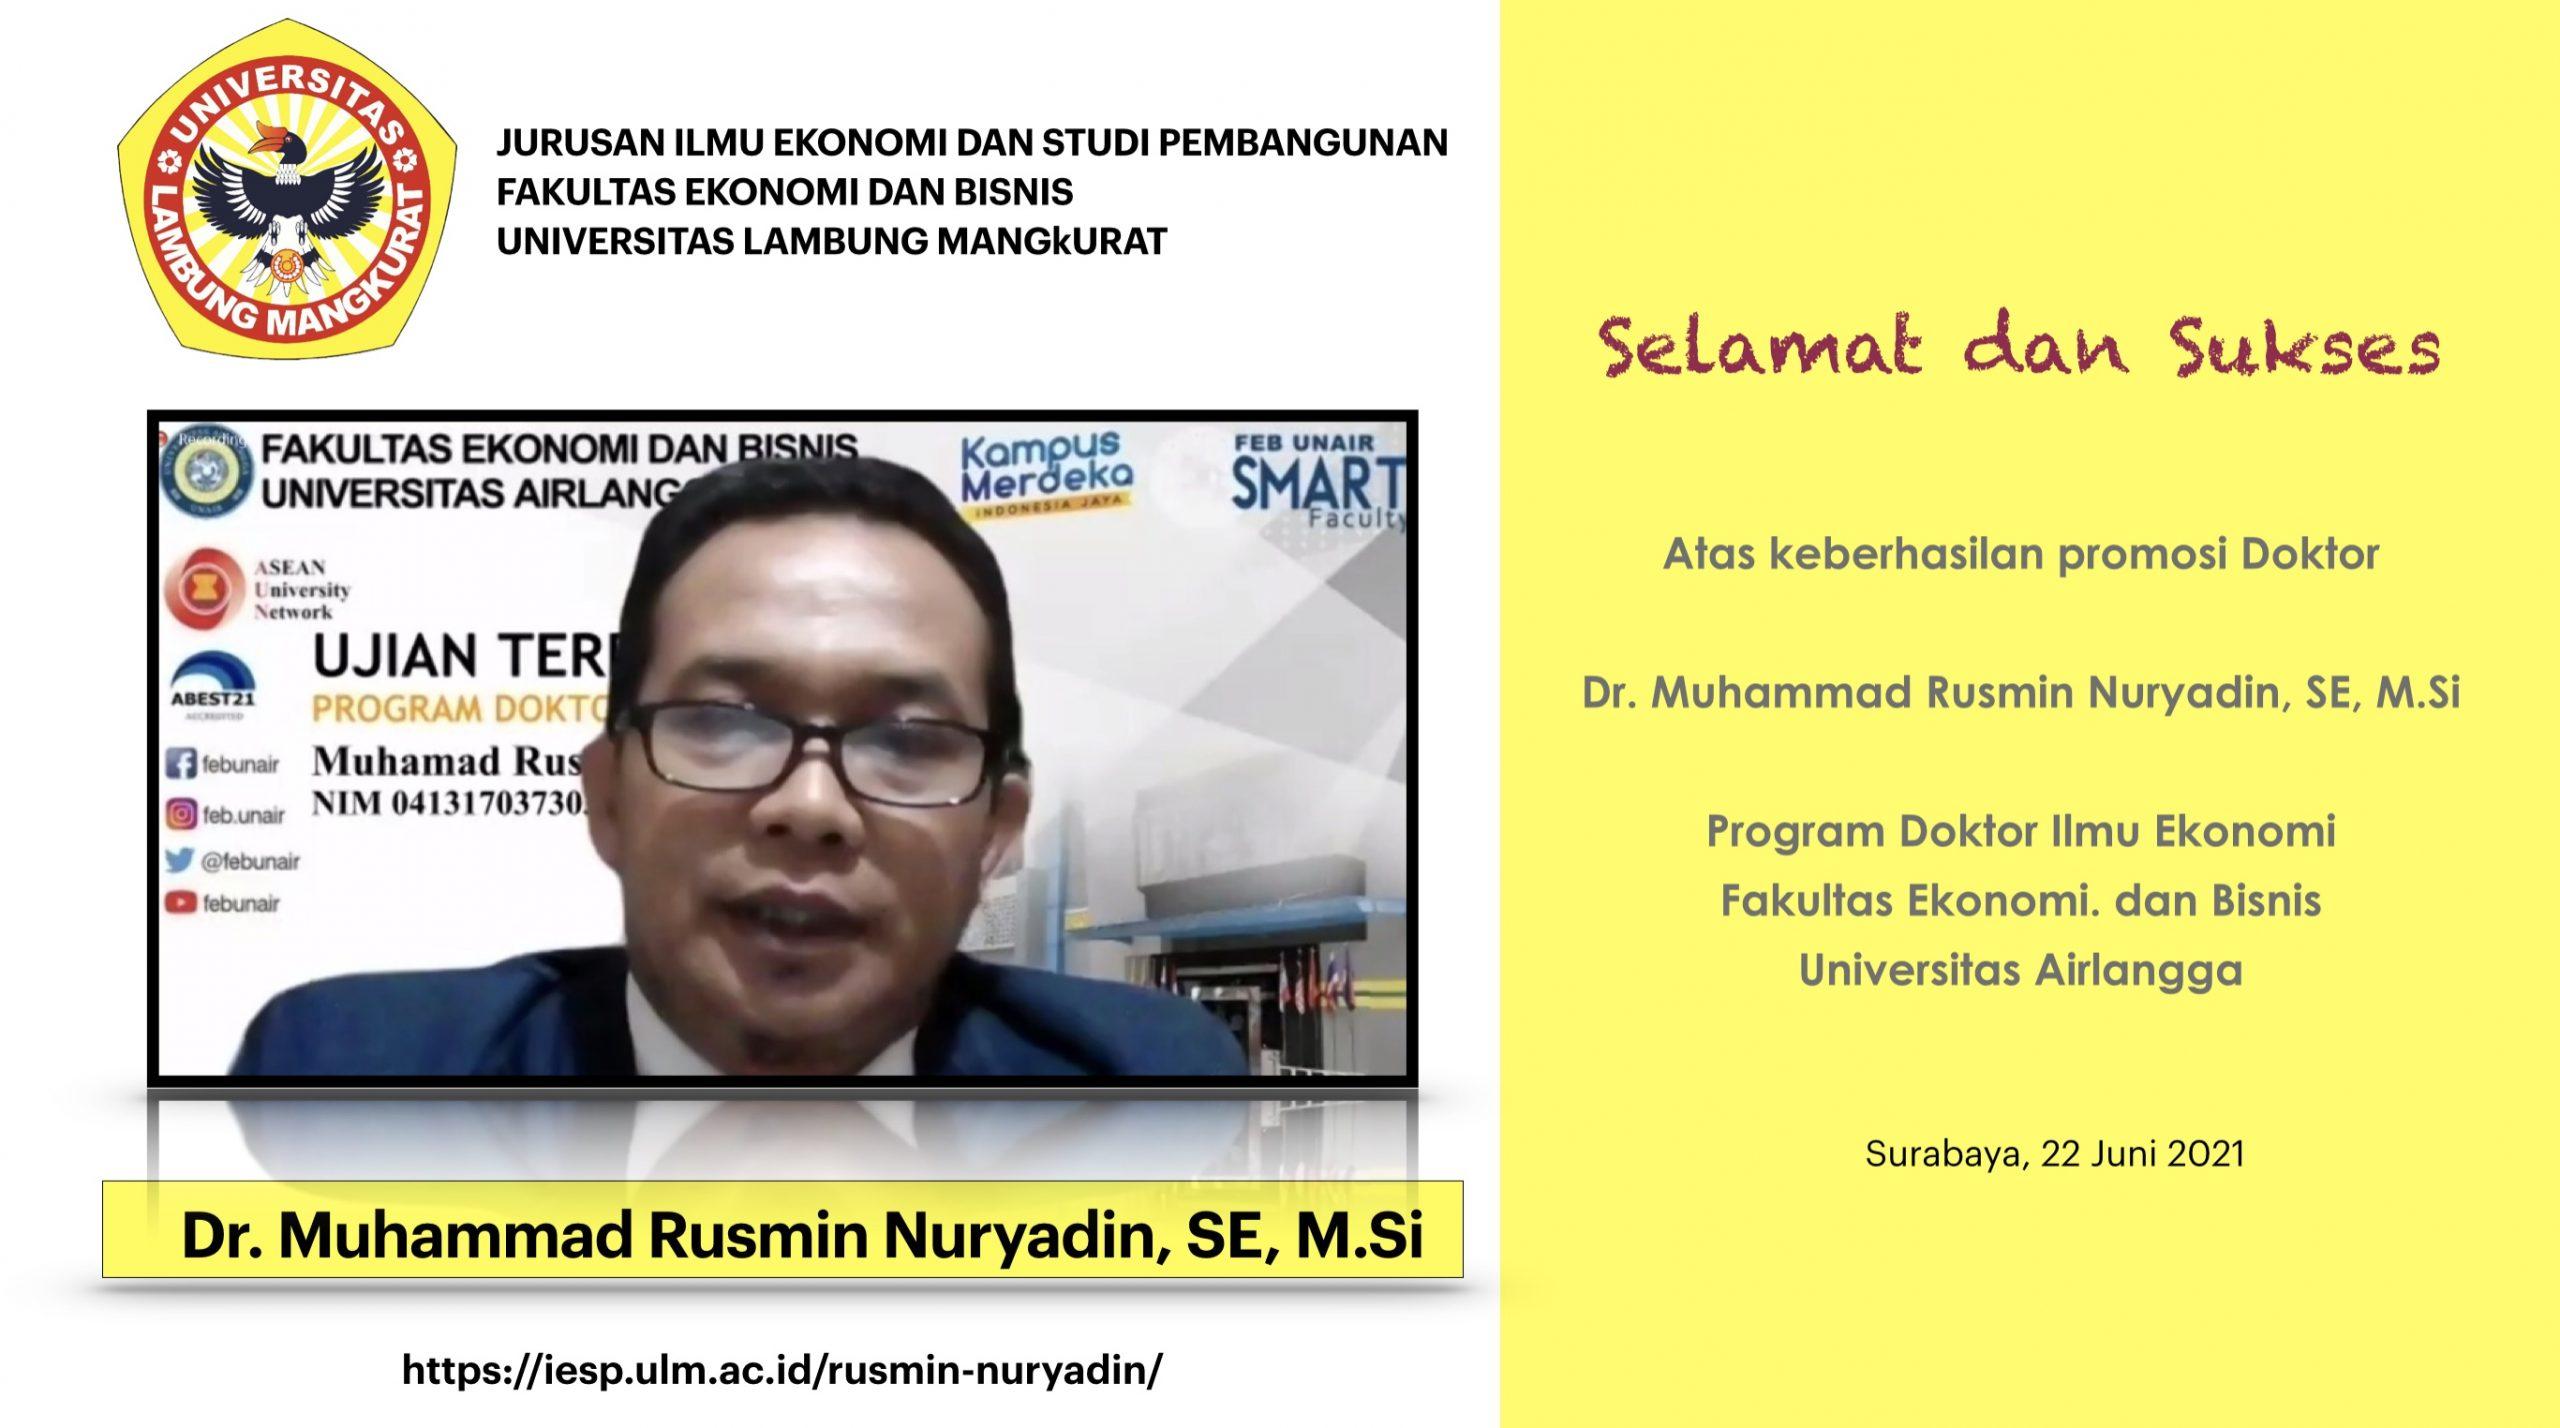 Selamat dan Sukses Promosi Doktor Muhammad Rusmin Nuryadin